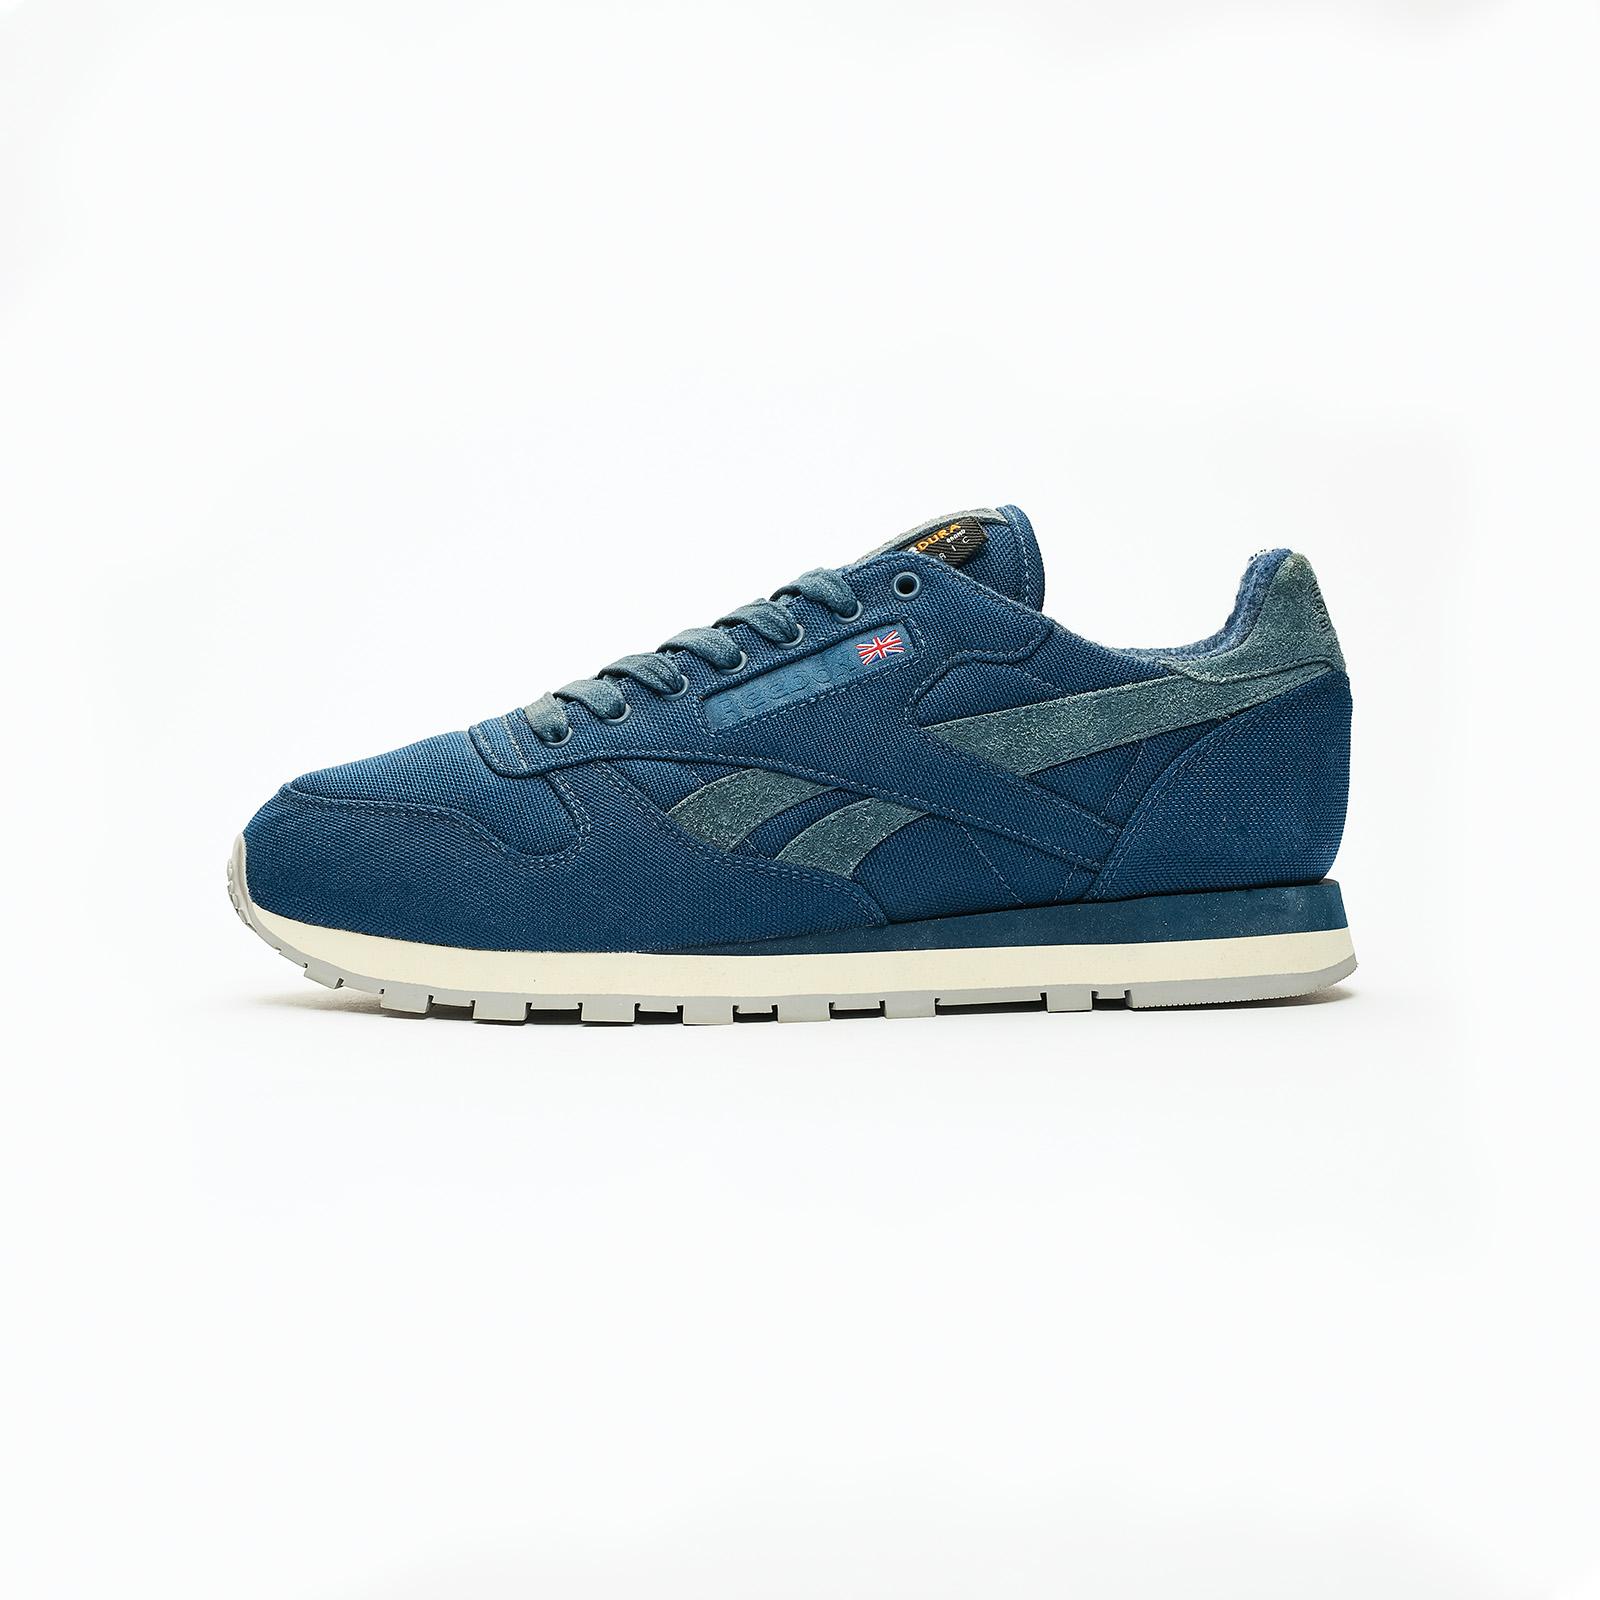 b41179de5 Reebok Classic Leather - V47079 - Sneakersnstuff | sneakers ...